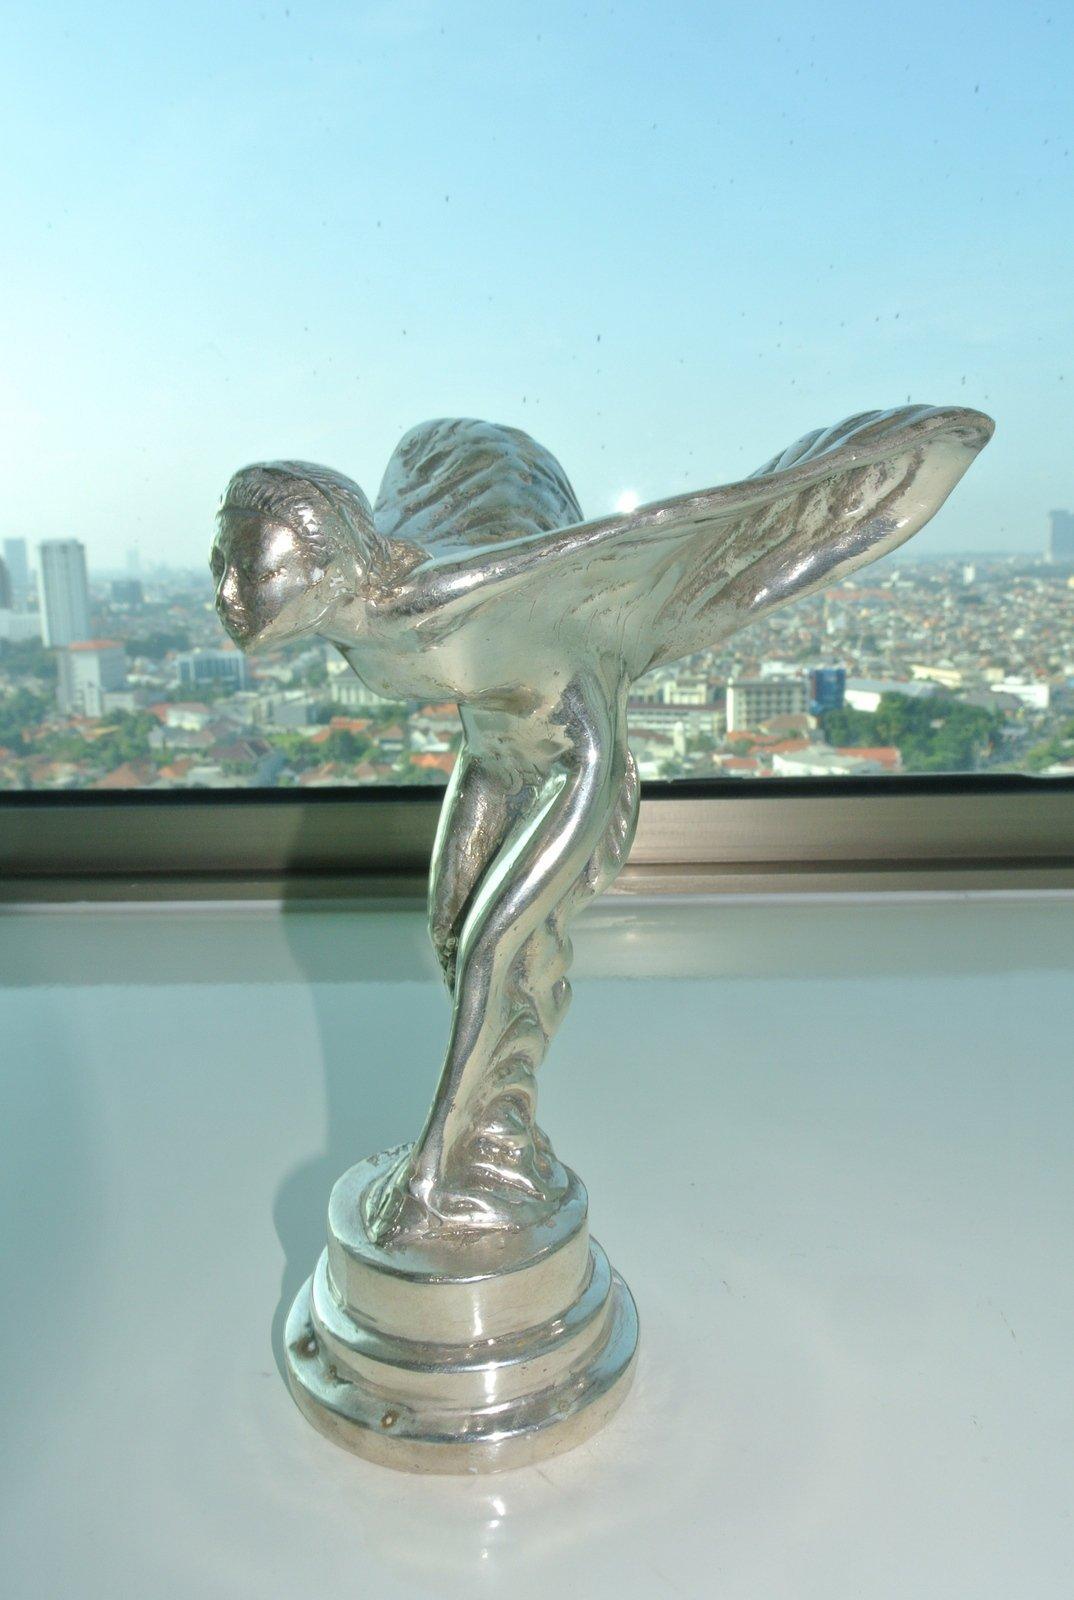 Used Rolls Royce Car Statue Flying Lady Brass Emblem